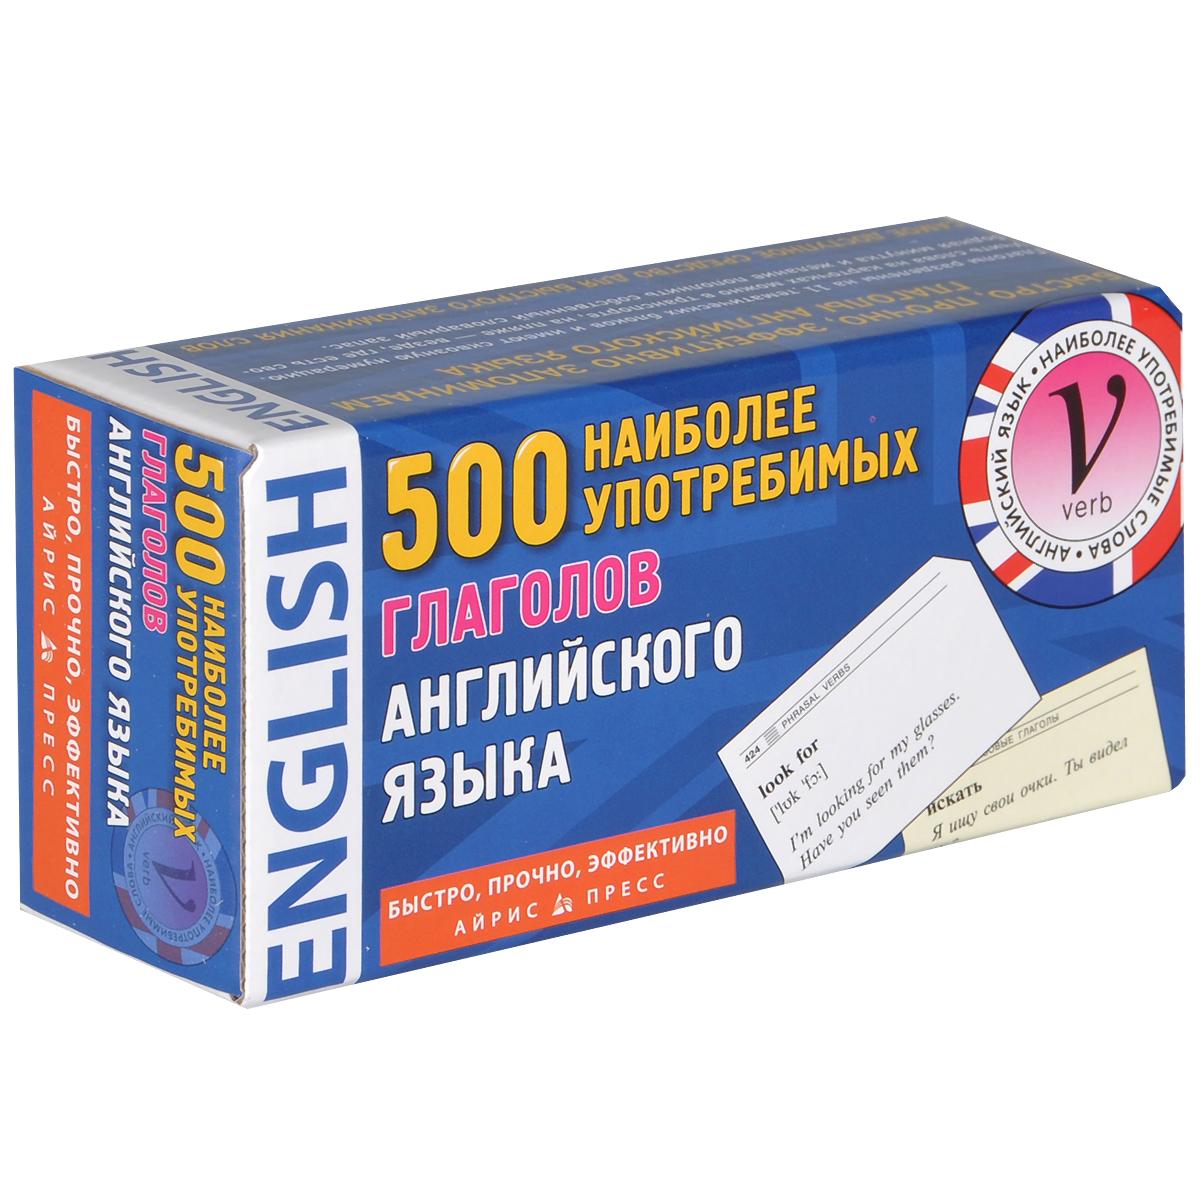 500 наиболее употребимых глаголов английского языка (набор из 500 карточек) 500 наиболее употребимых существительных немецкого языка 14 тематических блоков 500 карточек для запоминания